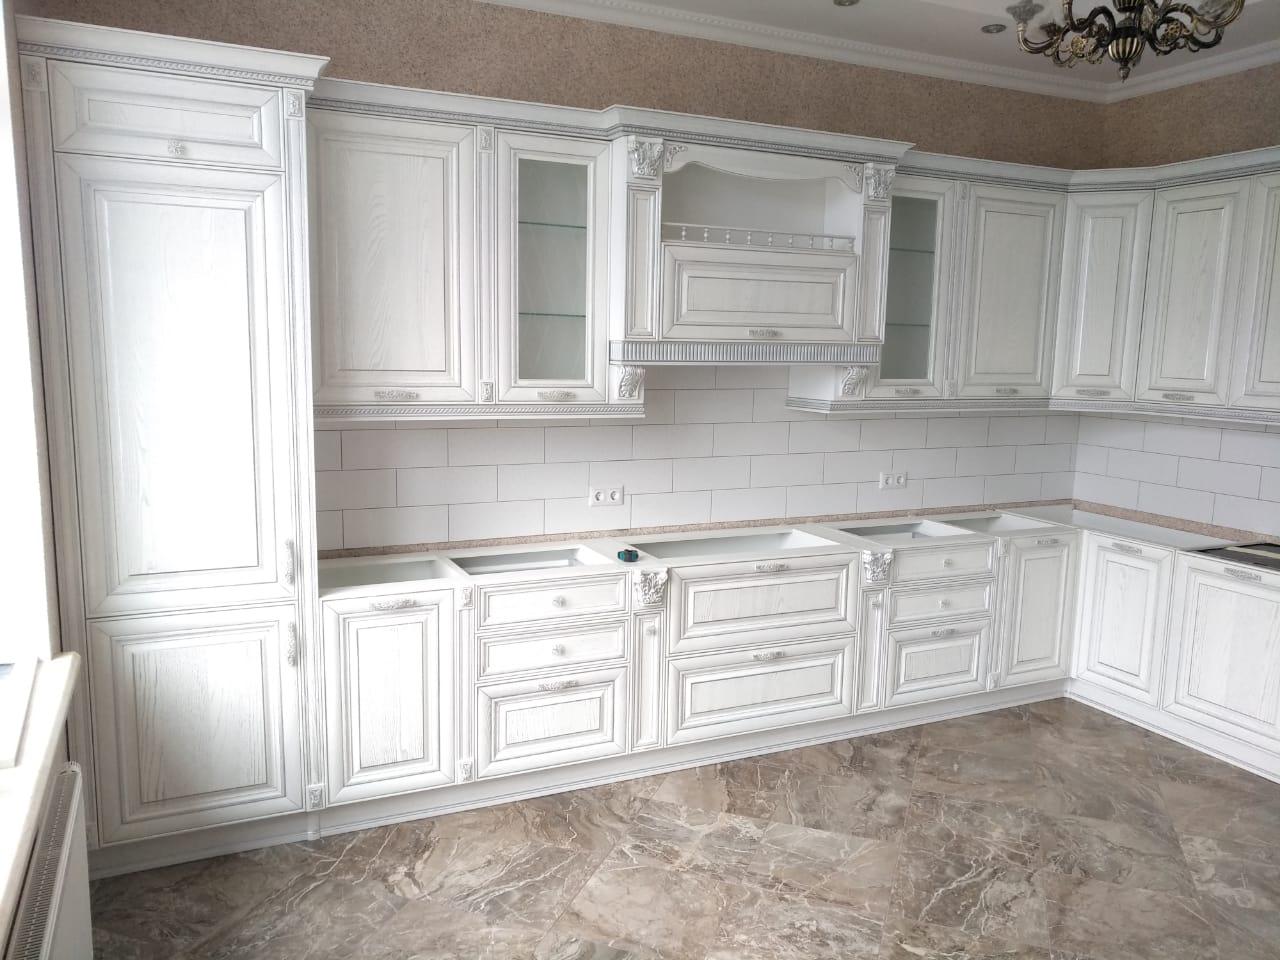 кухня фабрики Про Мобили пример 1